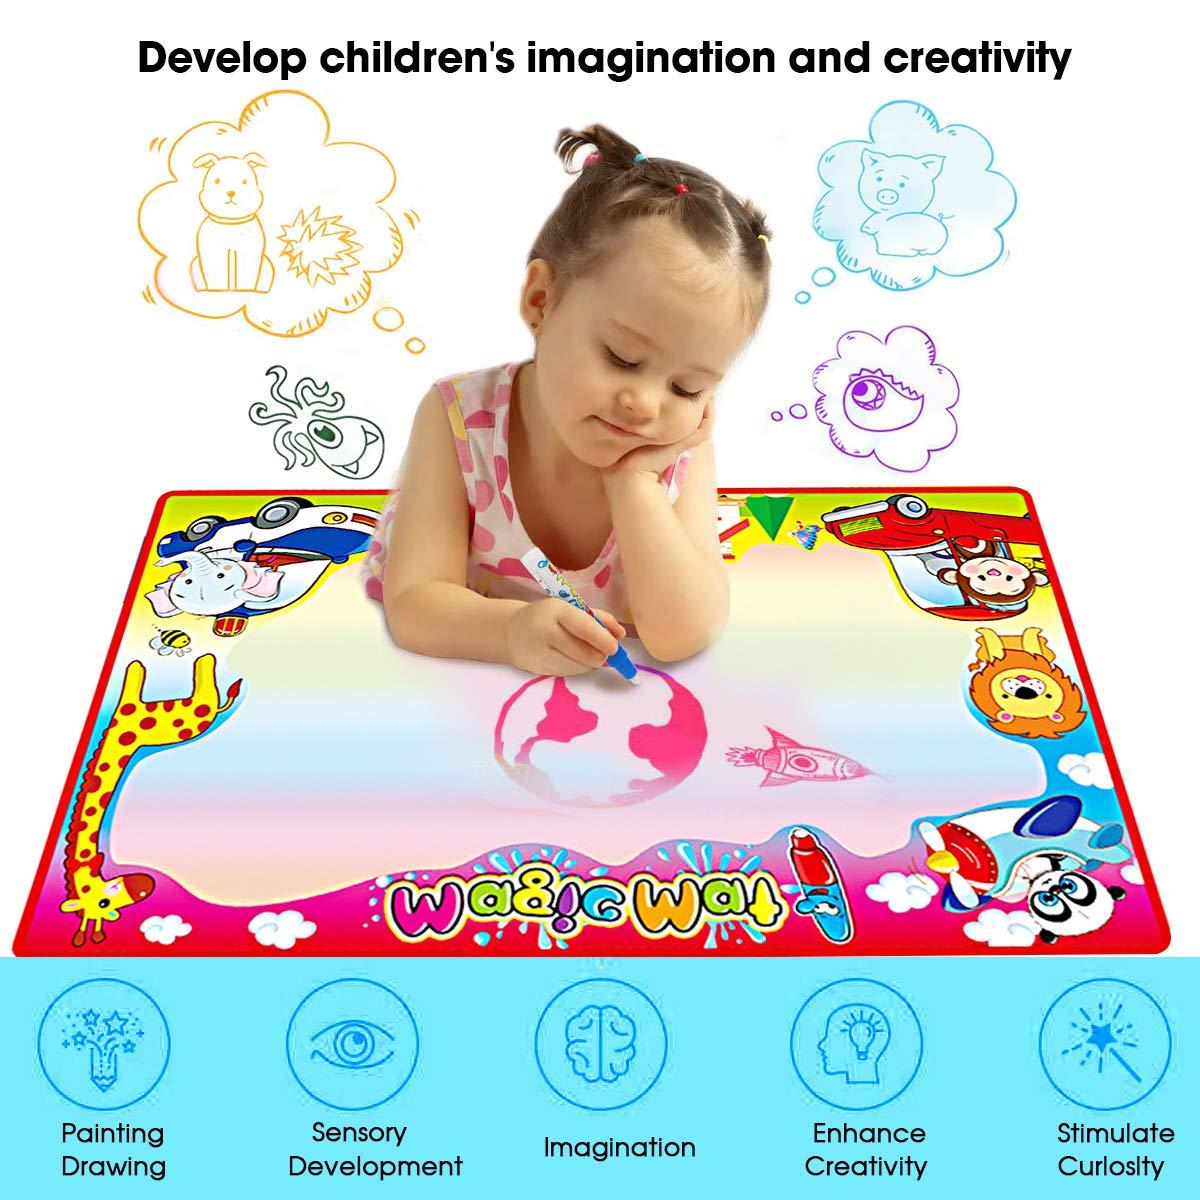 Rainbow 4 Couleur 87*58cm Tapis a Dessin Eau Enfant Eau Doodle Mat Tapis /à Dessiner FishOaky Tapis Aquadoodle Classique 3 Stylos /& 1 EVA Graphique /& 8 Timbres